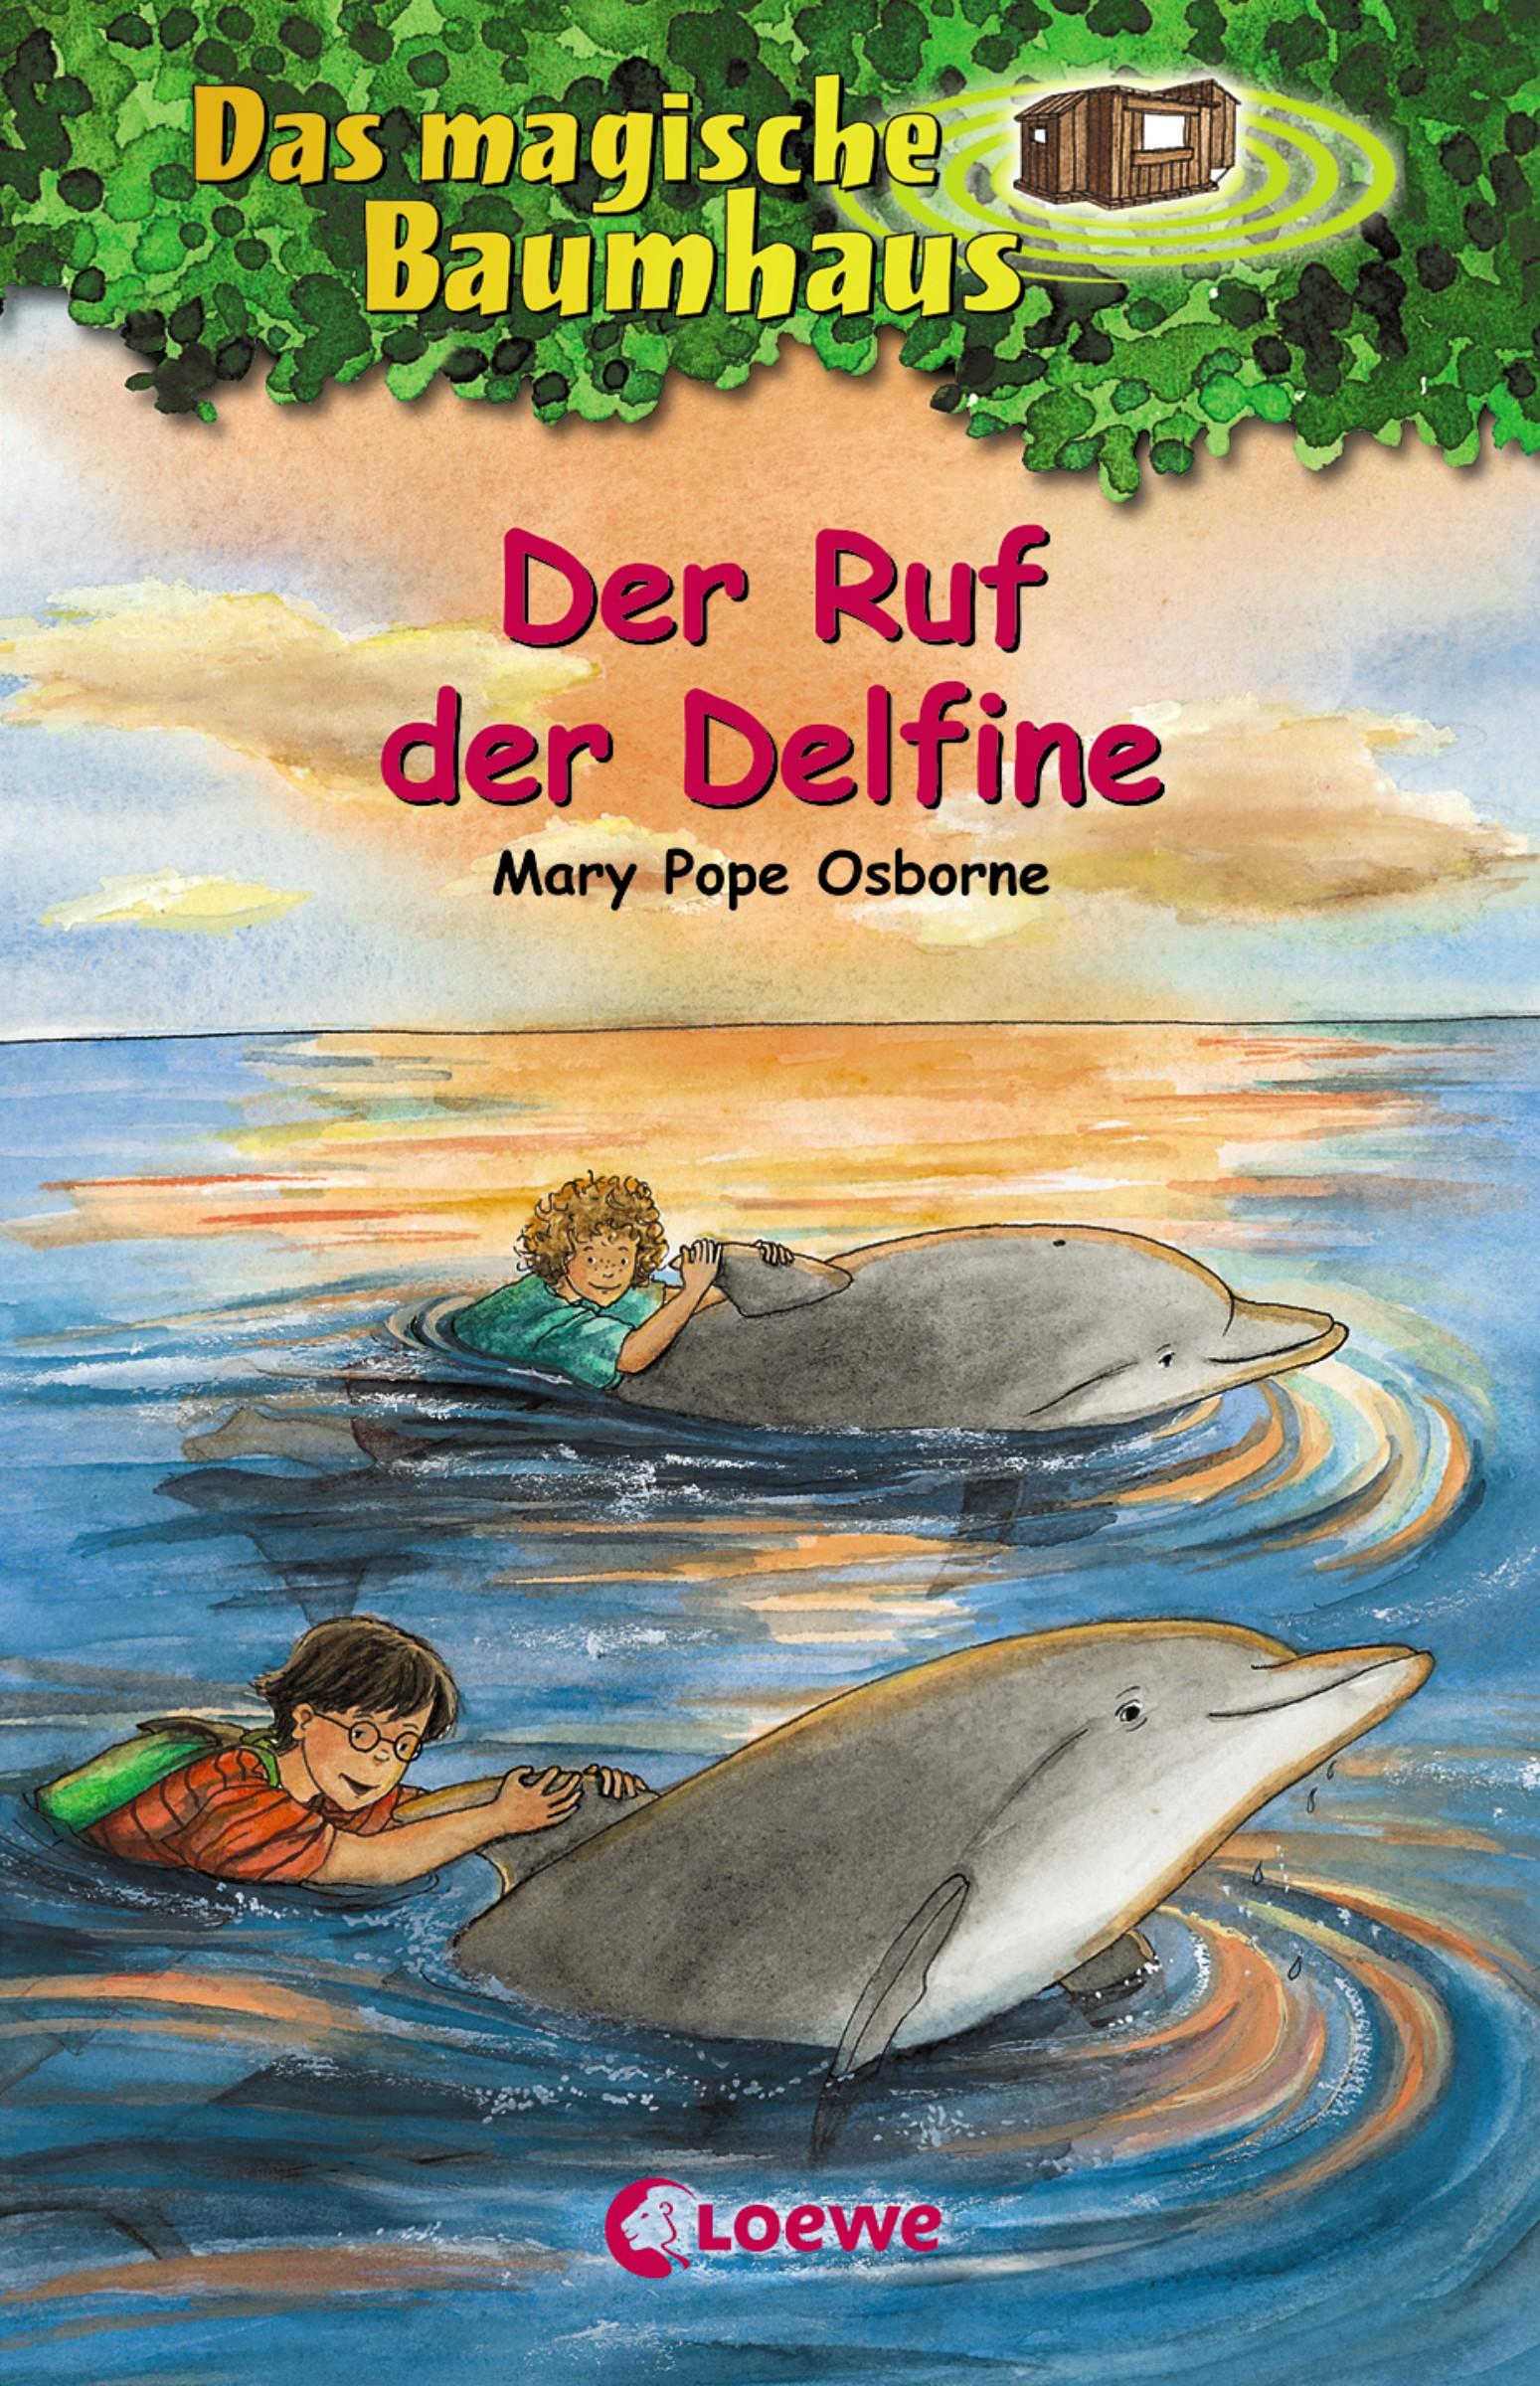 Mary Pope Osborne Das magische Baumhaus 9 - Der Ruf der Delfine